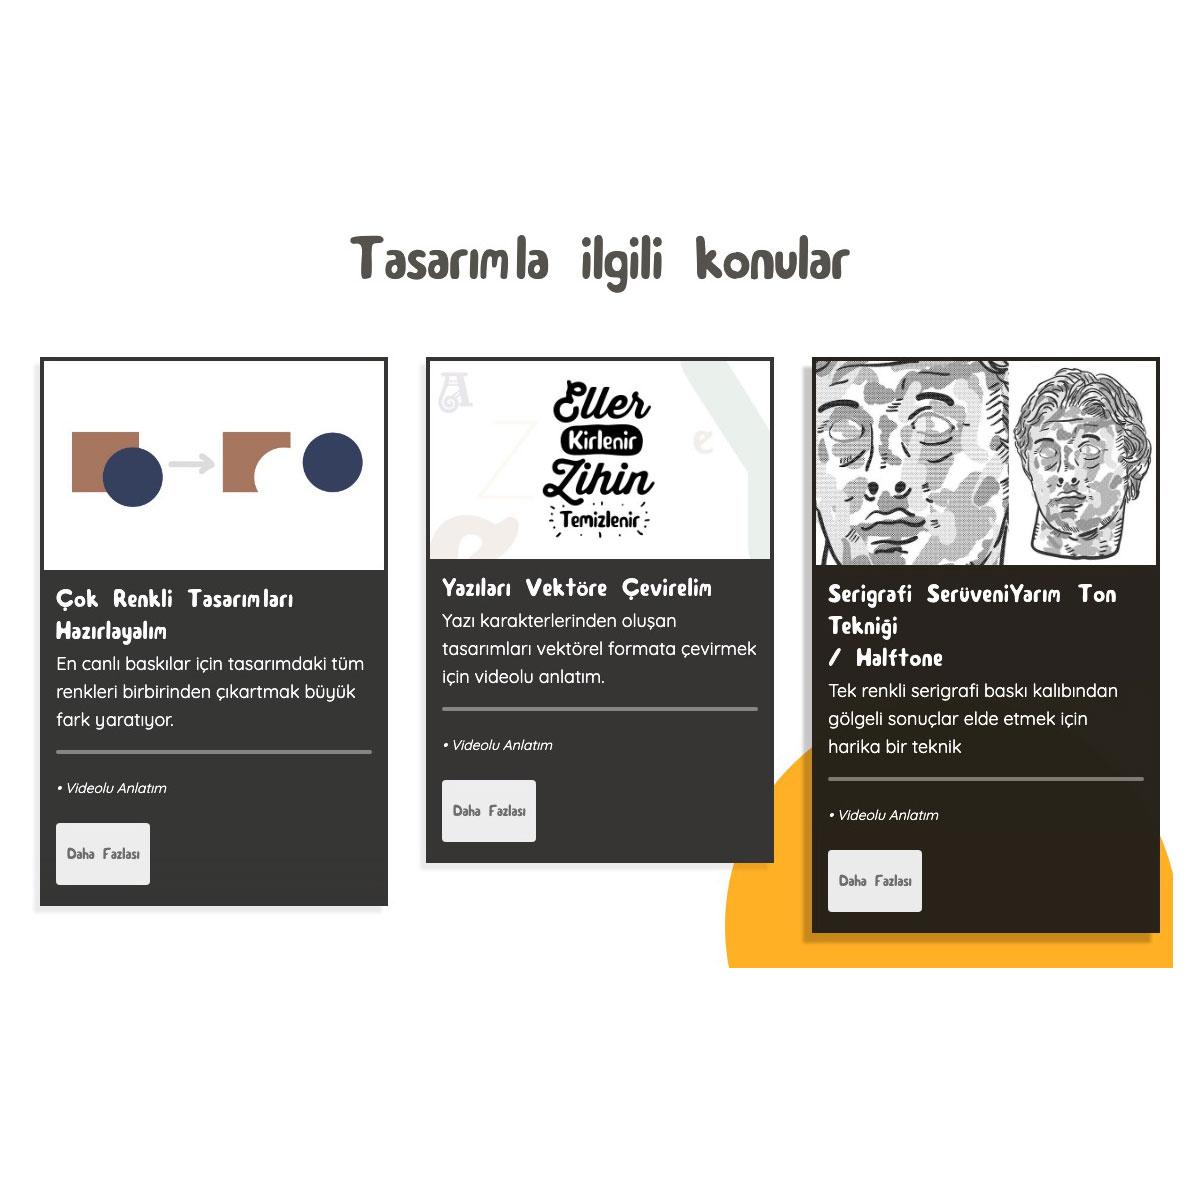 serigrafi baskıya uygun tasarımlar